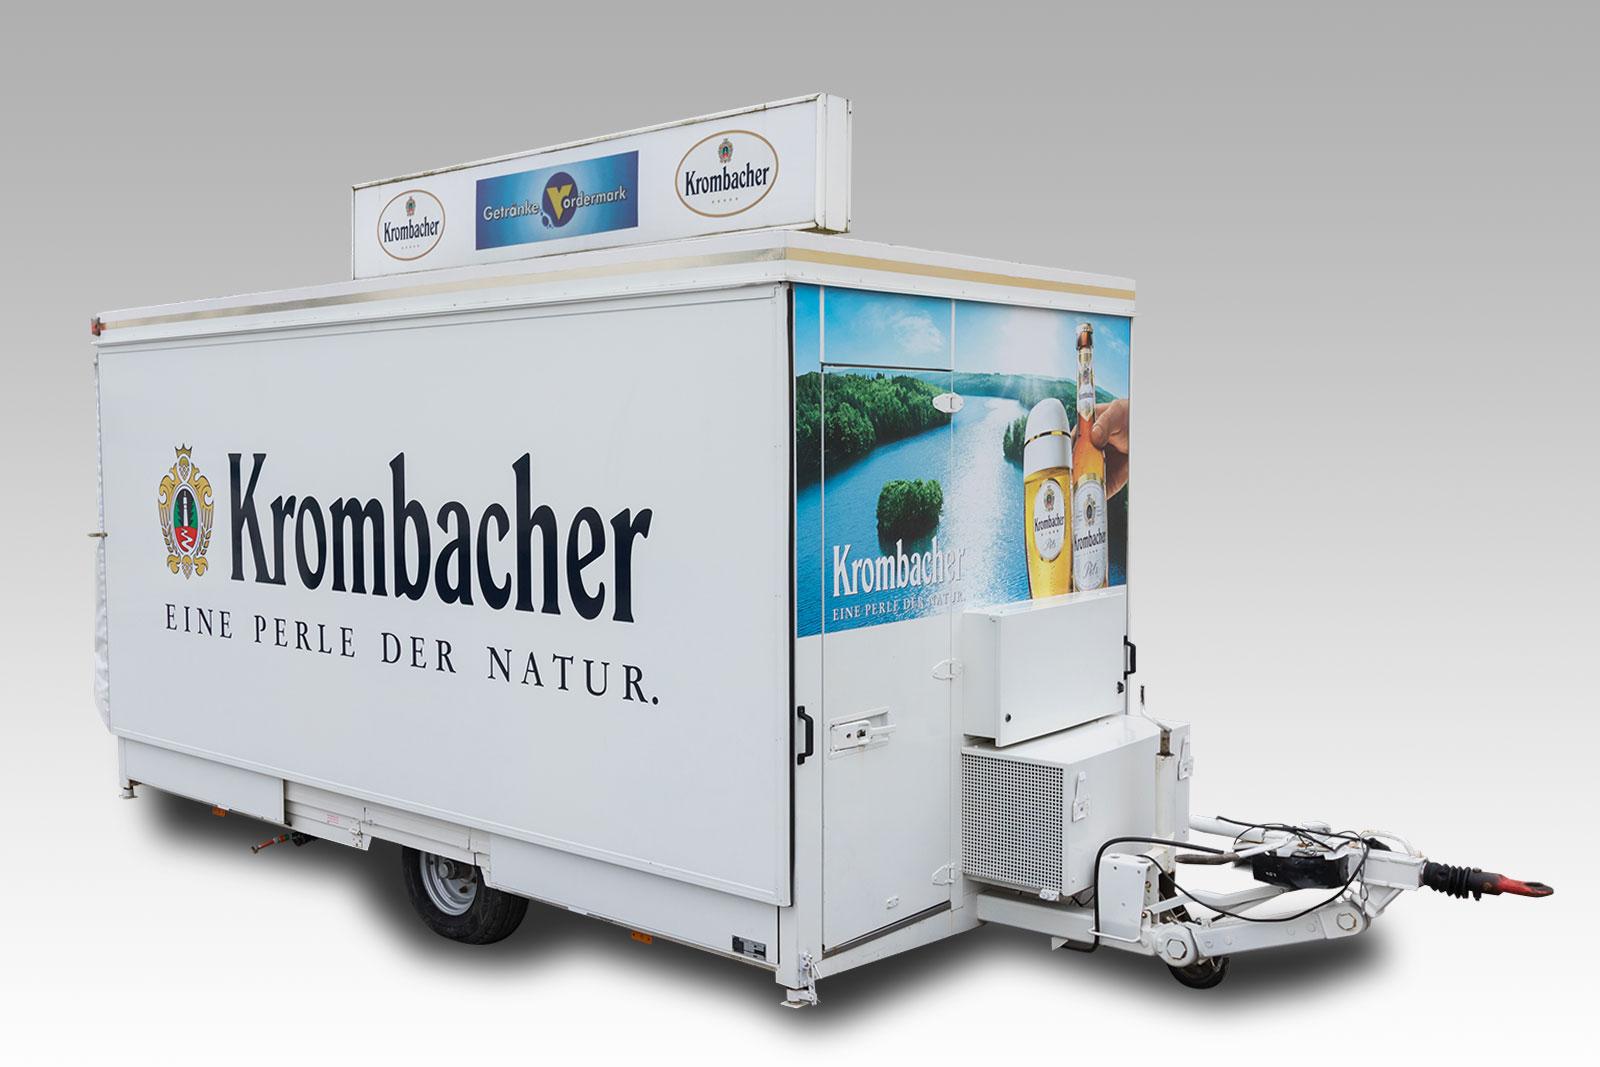 Krombacher BP-22 Bild 02